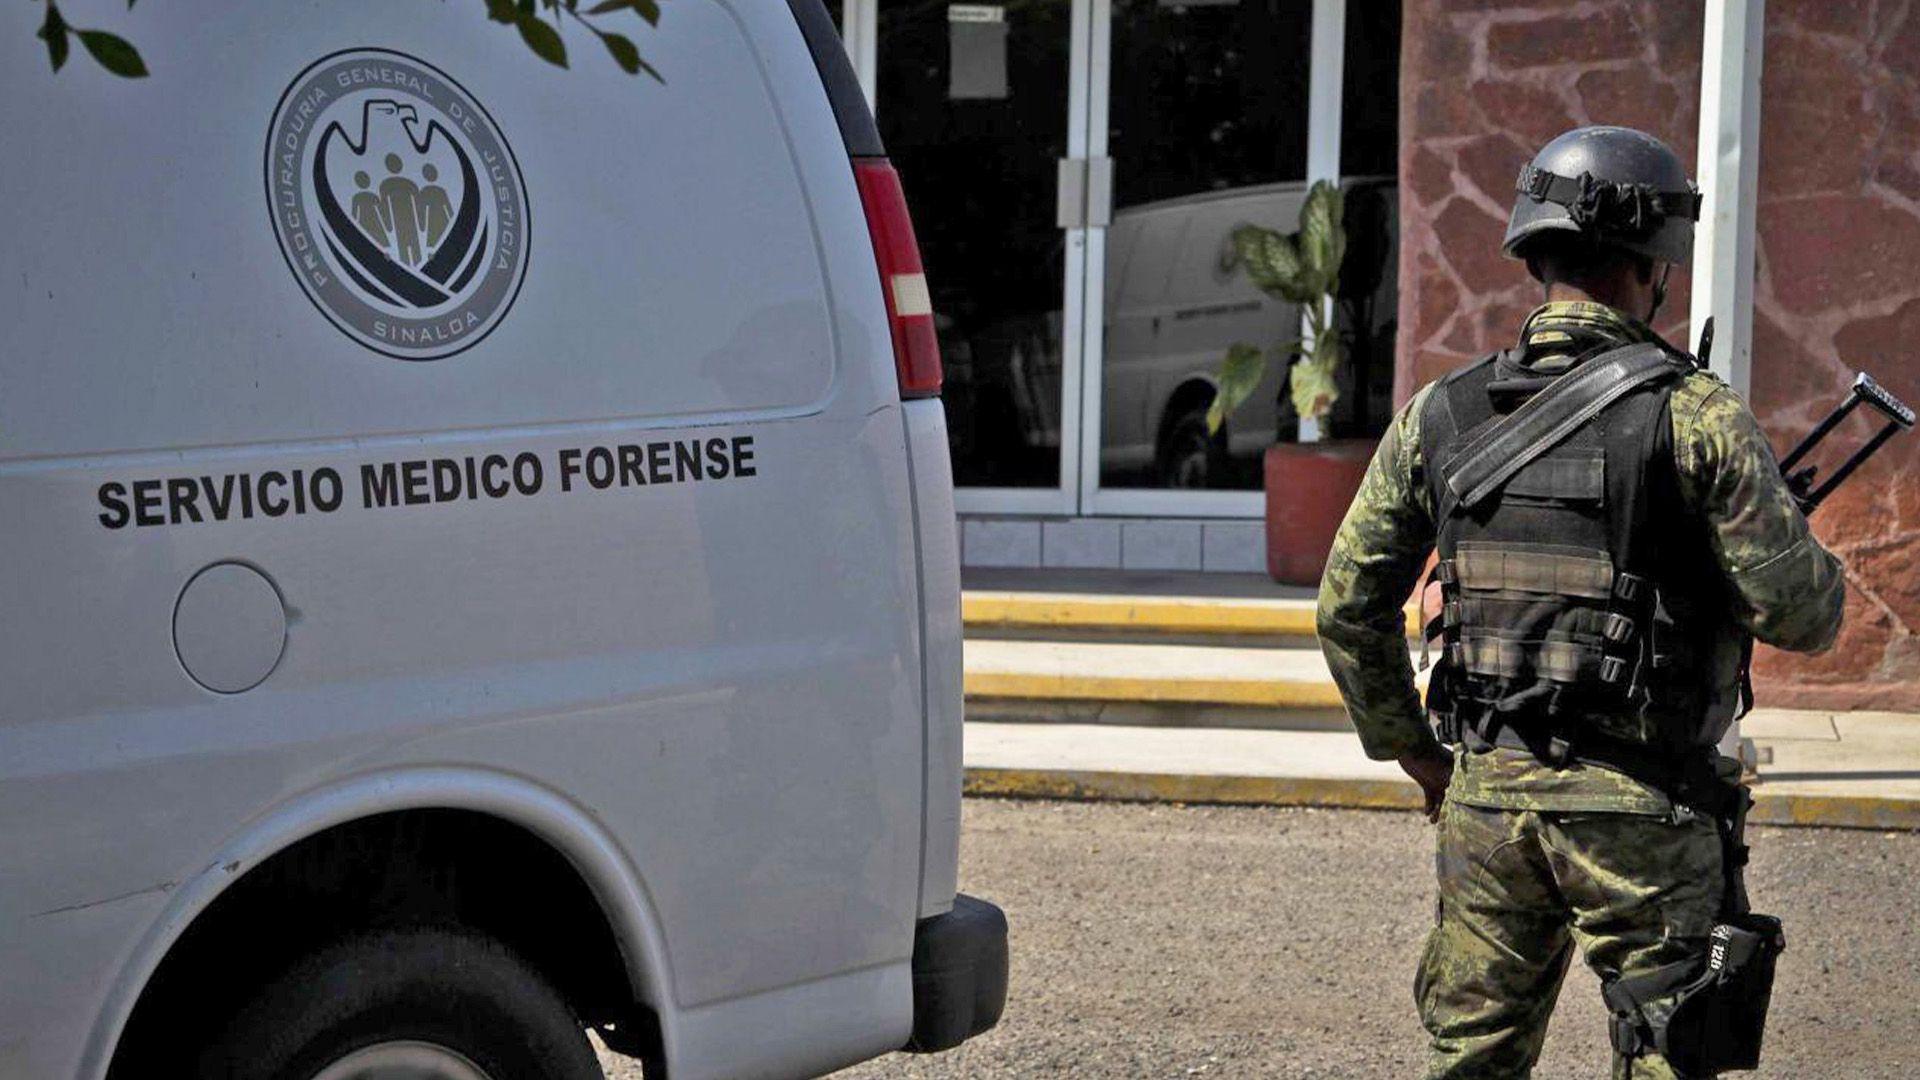 escenas del crimen Culiacán  (Foto: Cuartoscuro)